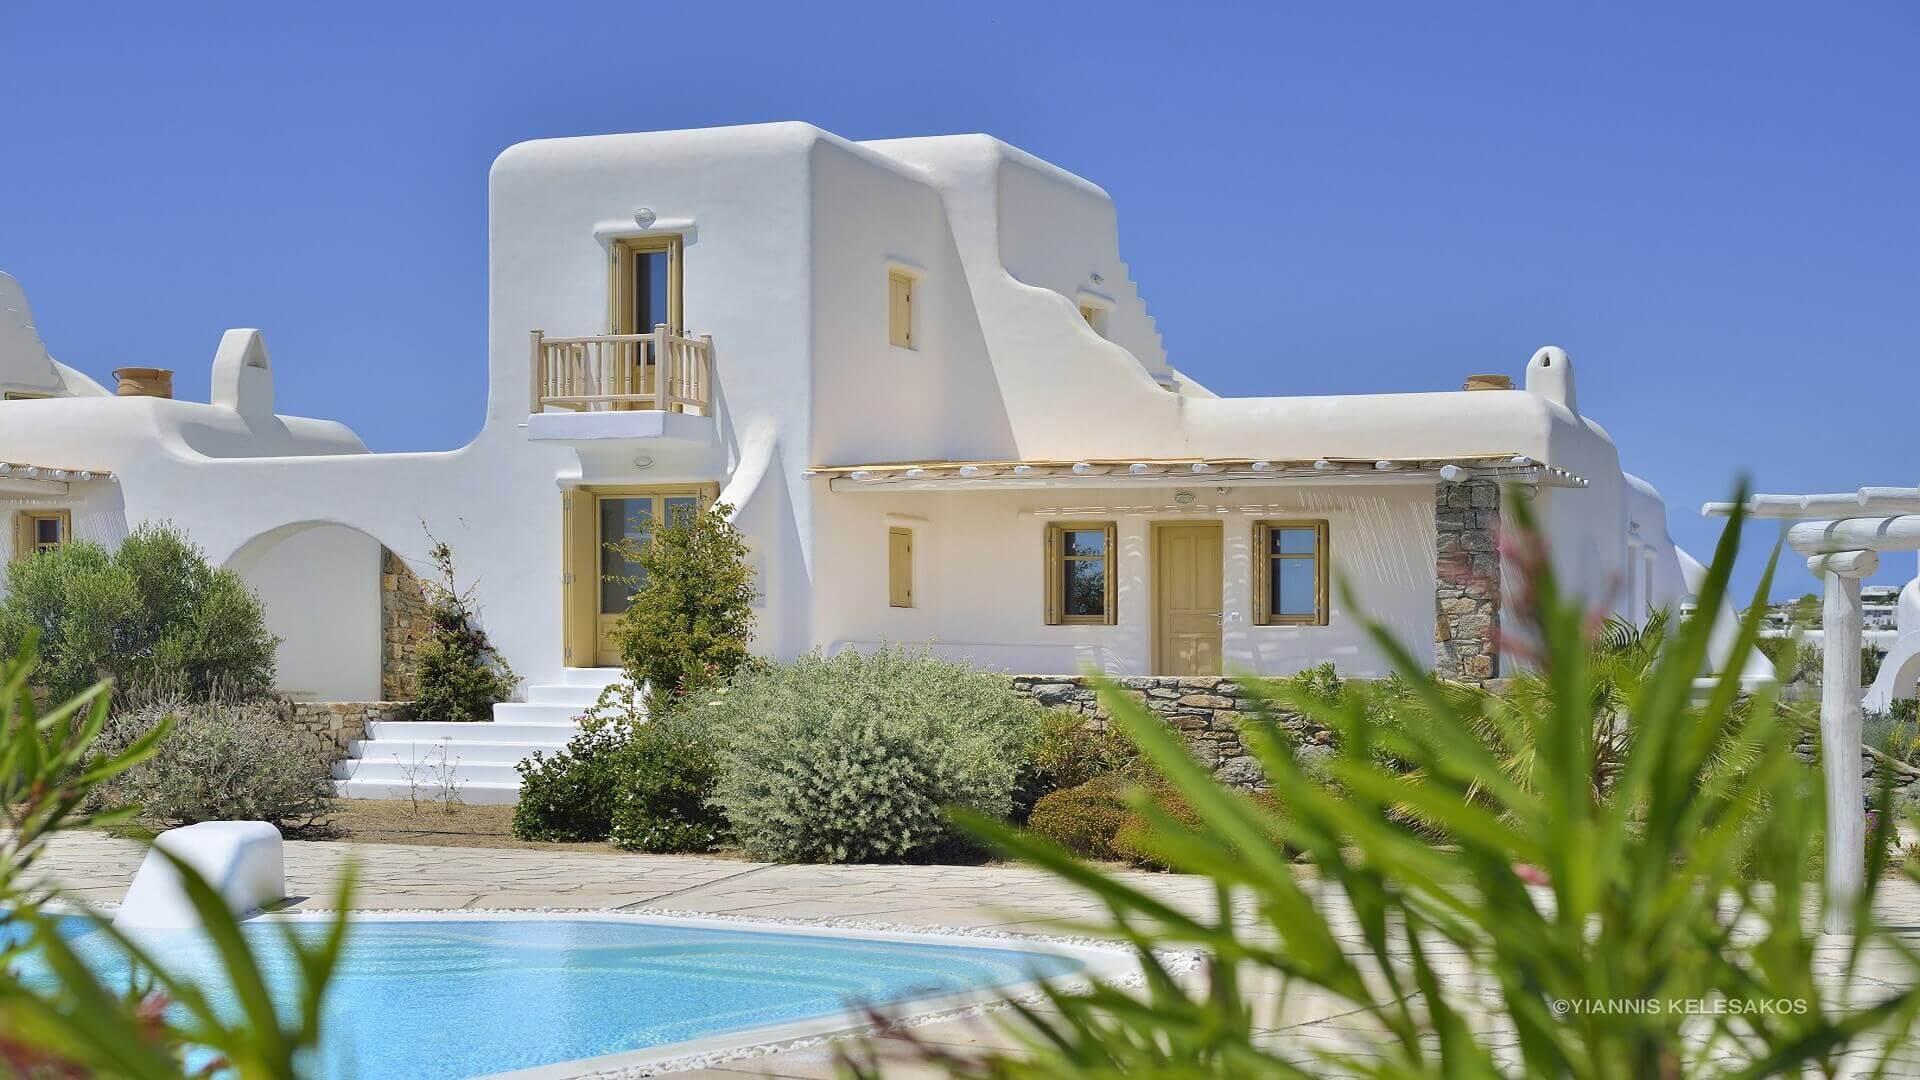 Villa Berenice Platis Gialos Mykonos